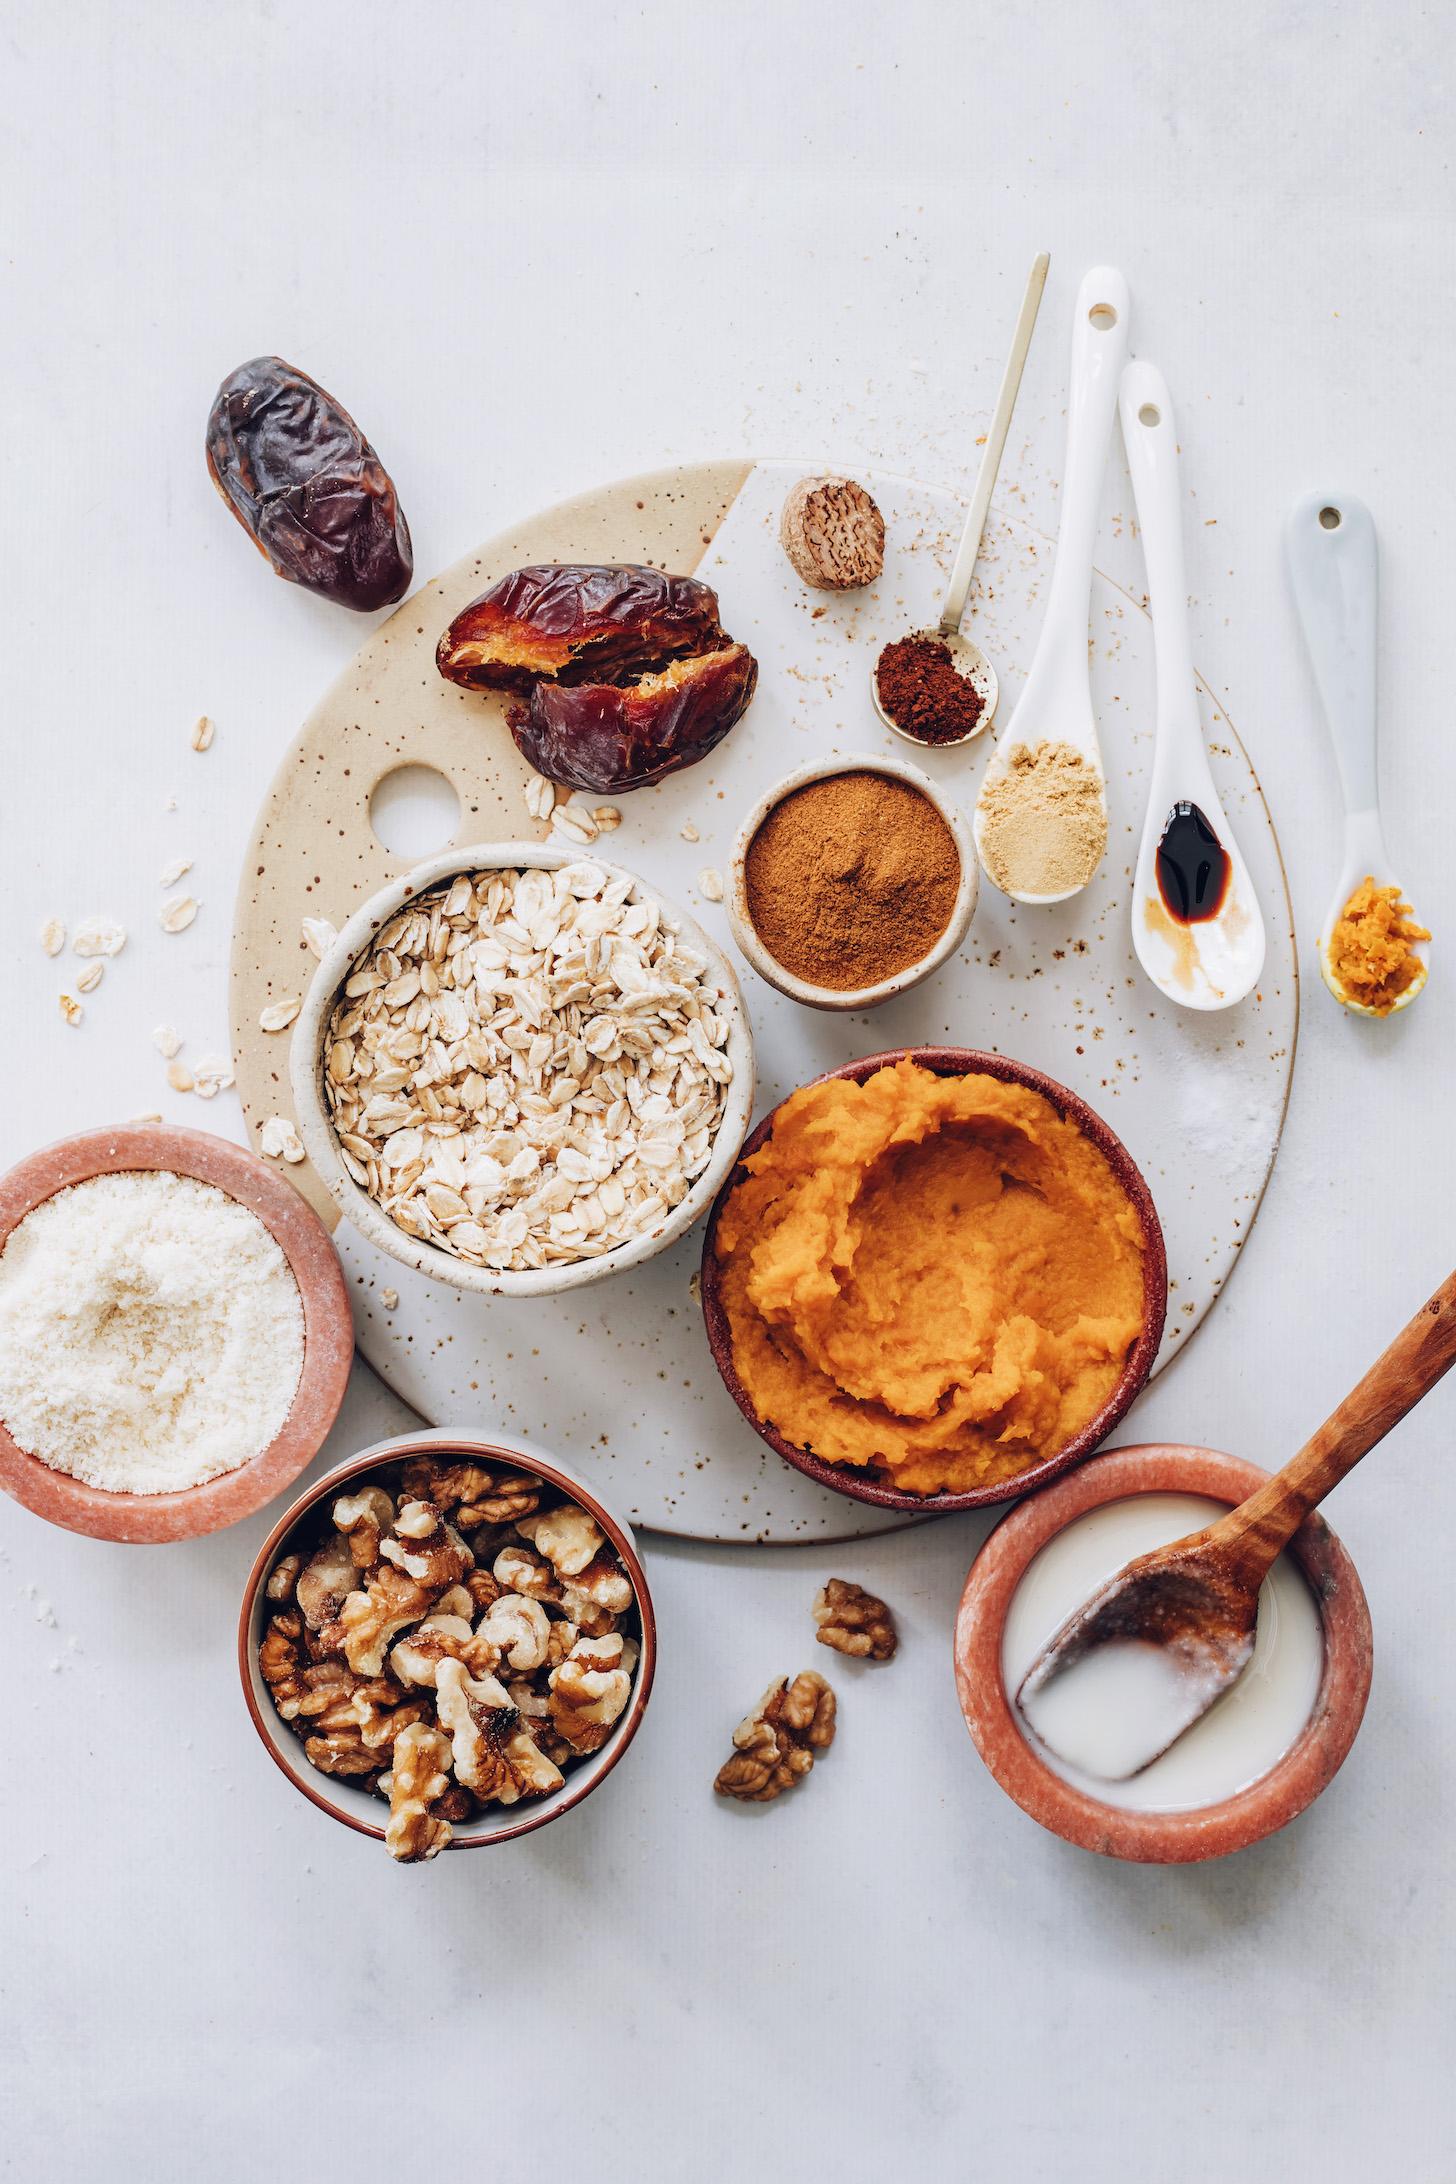 Tarihler, baharatlar, vanilya, hindistancevizi yağı, balkabağı püresi, ceviz, badem unu ve yulaf